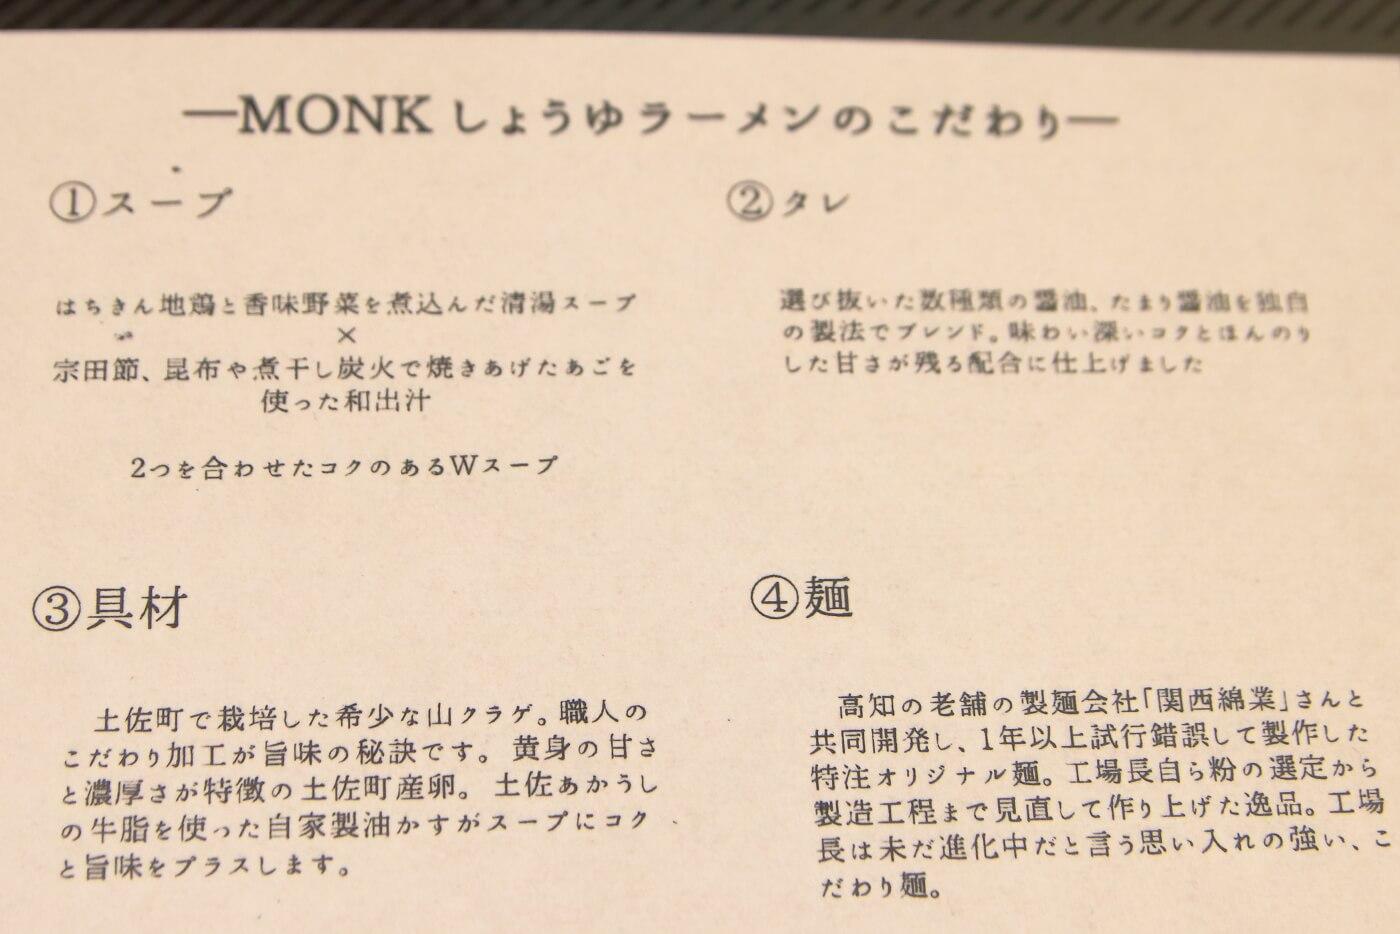 高知県土佐町のラーメン店 Monk 醤油ラーメンのこだわり